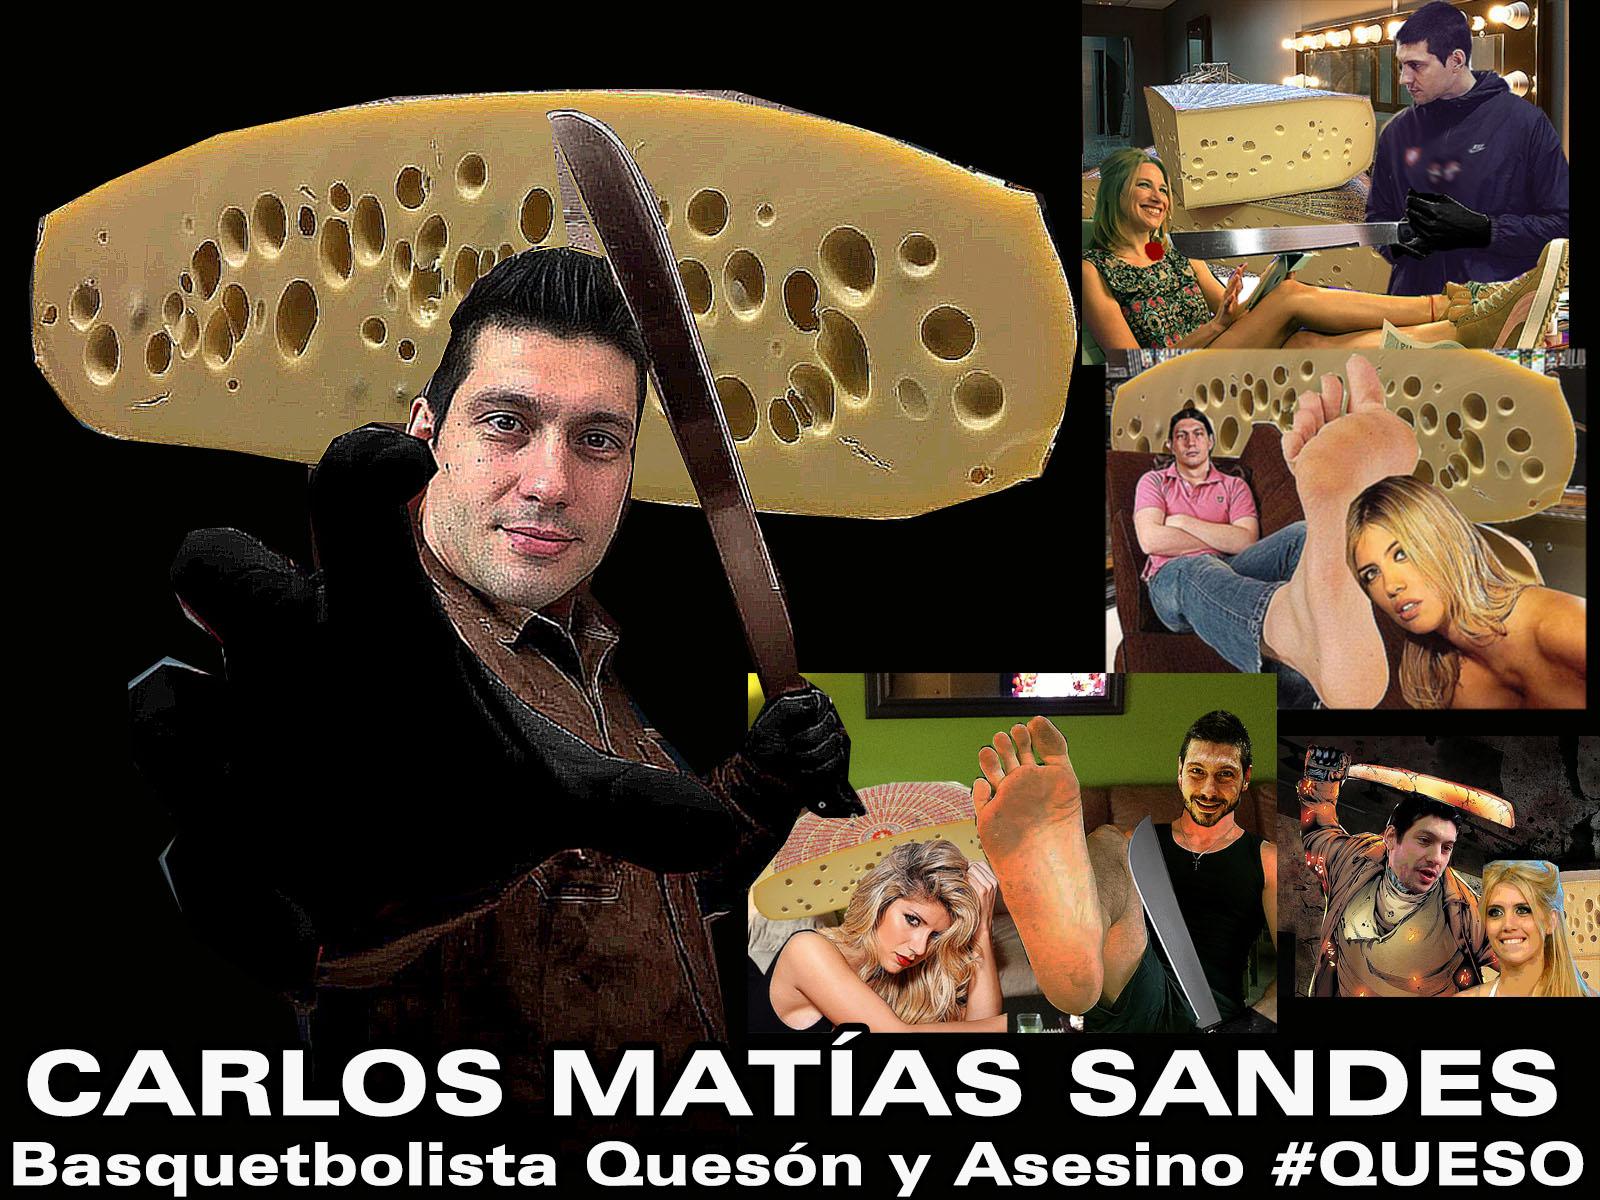 la saga de CARLOS MATÍAS SANDES